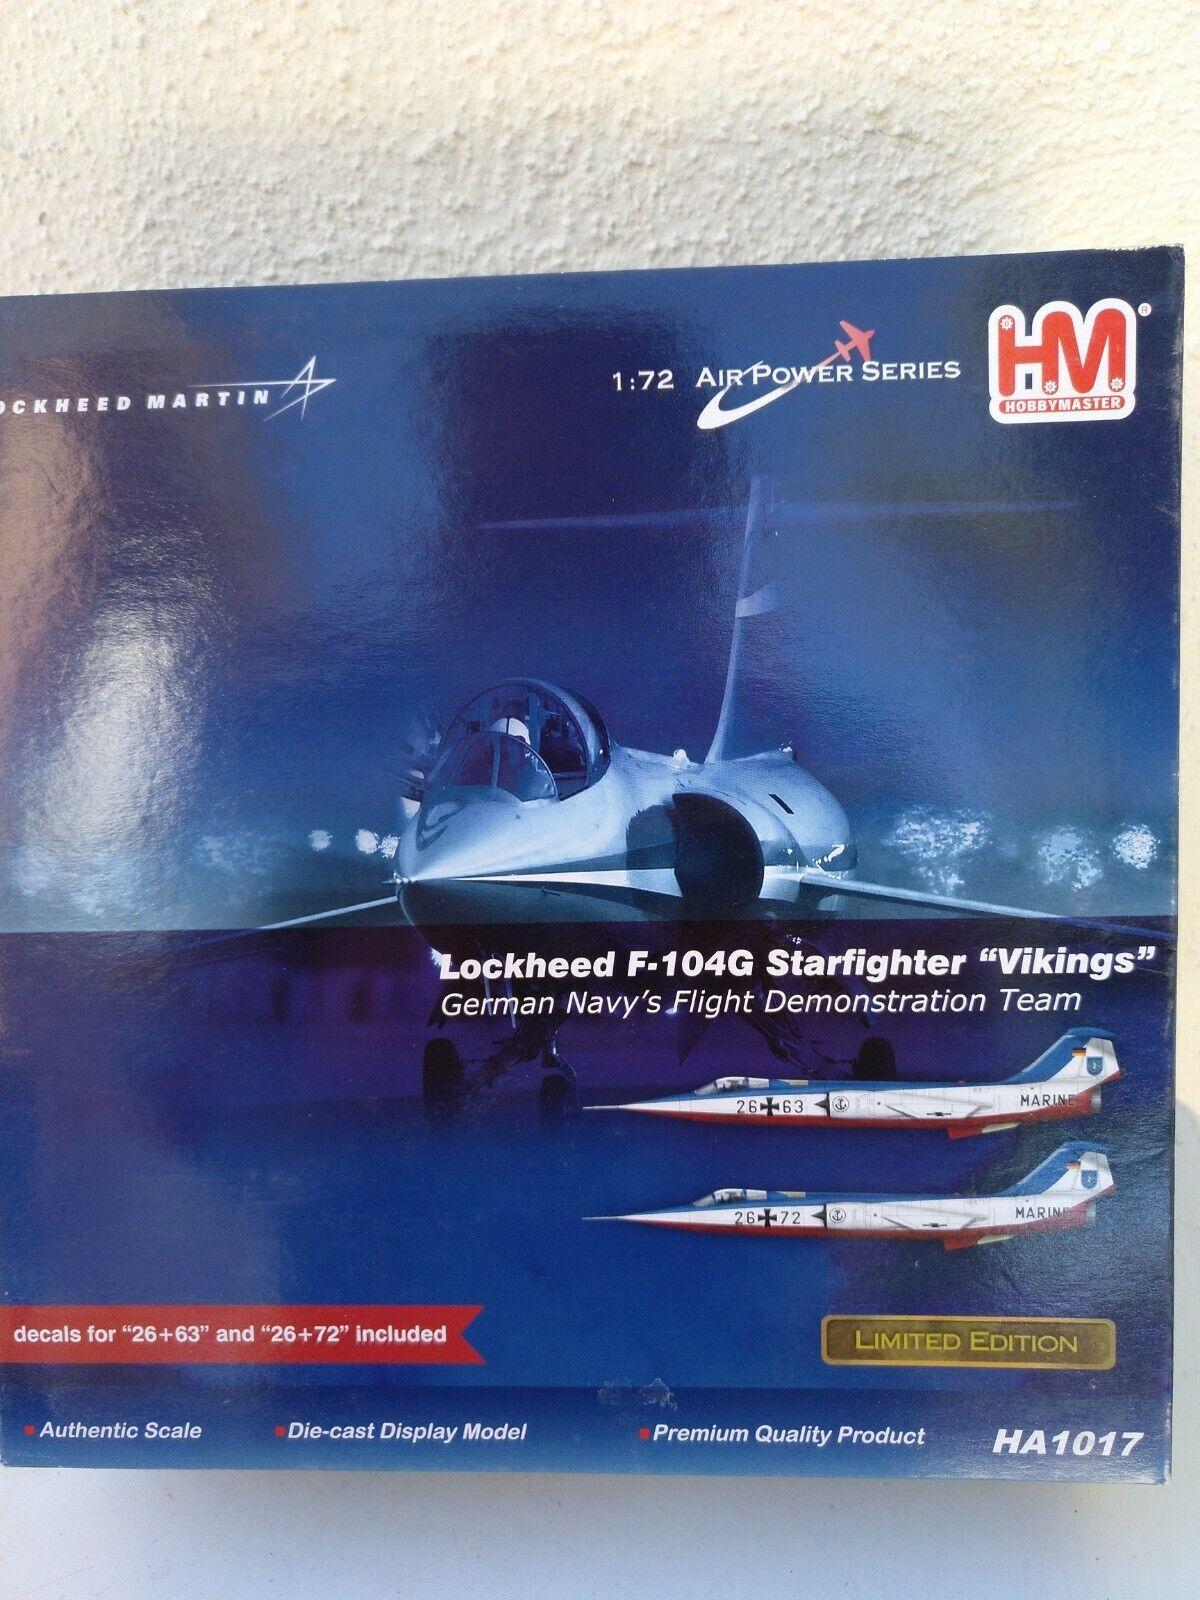 gran venta Hobby Master HA1017 Lockheed F-104G 26+63 or 26+72 German Marine Marine Marine Vikings  ordene ahora los precios más bajos